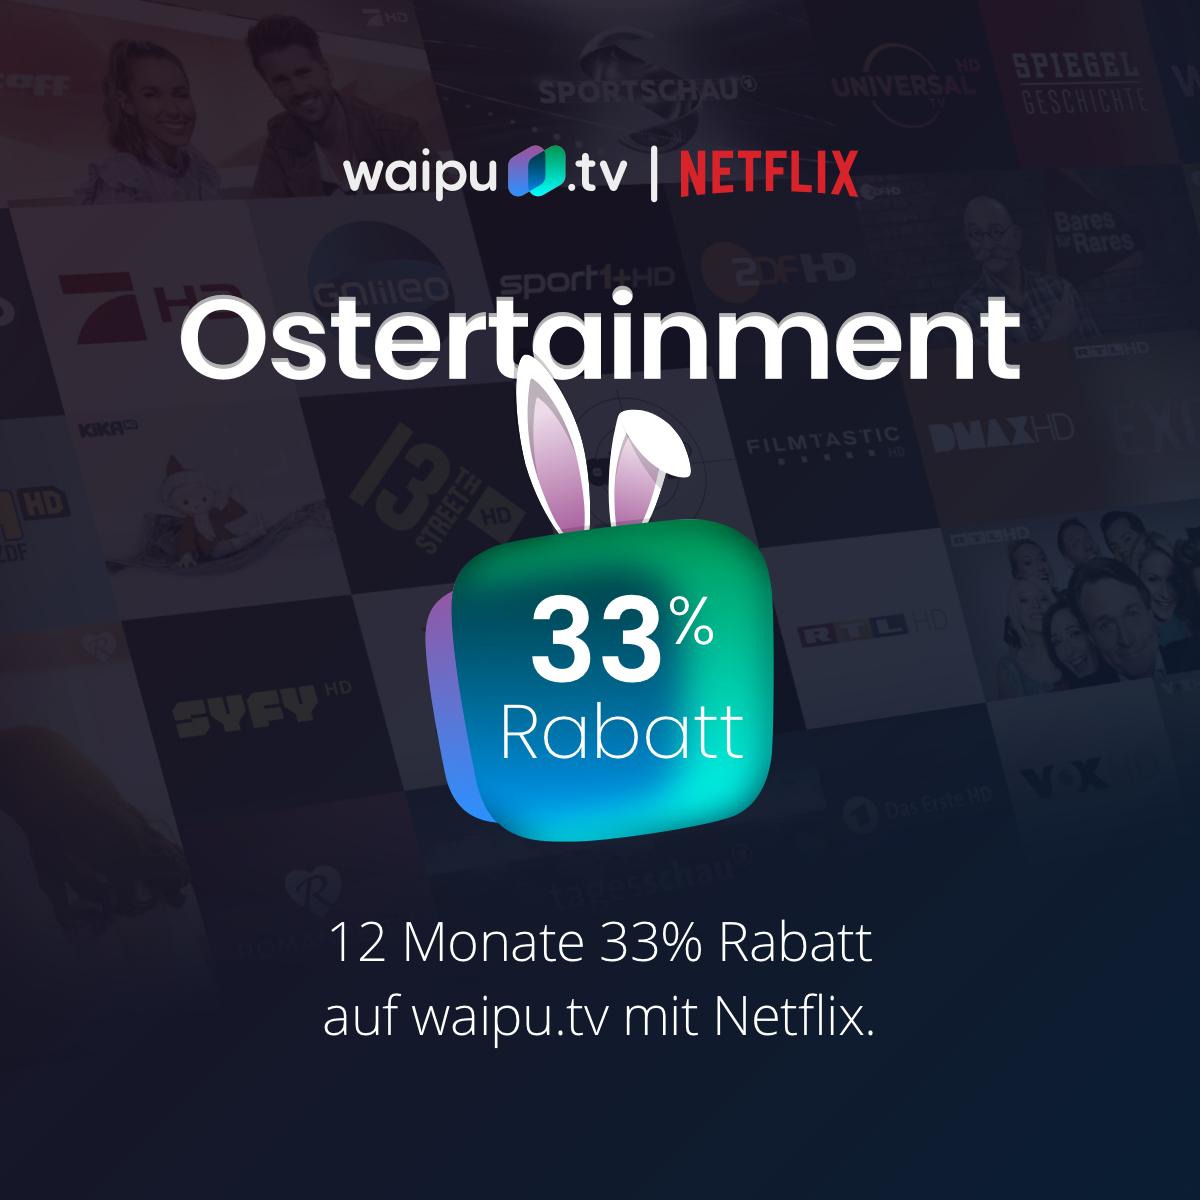 Ostertainment bei Waipu.tv mit 33% Rabatt: 12 Monate Perfect Plus für 8,70€ oder Perfect Plus mit Netflix für nur 16,41€/Monat